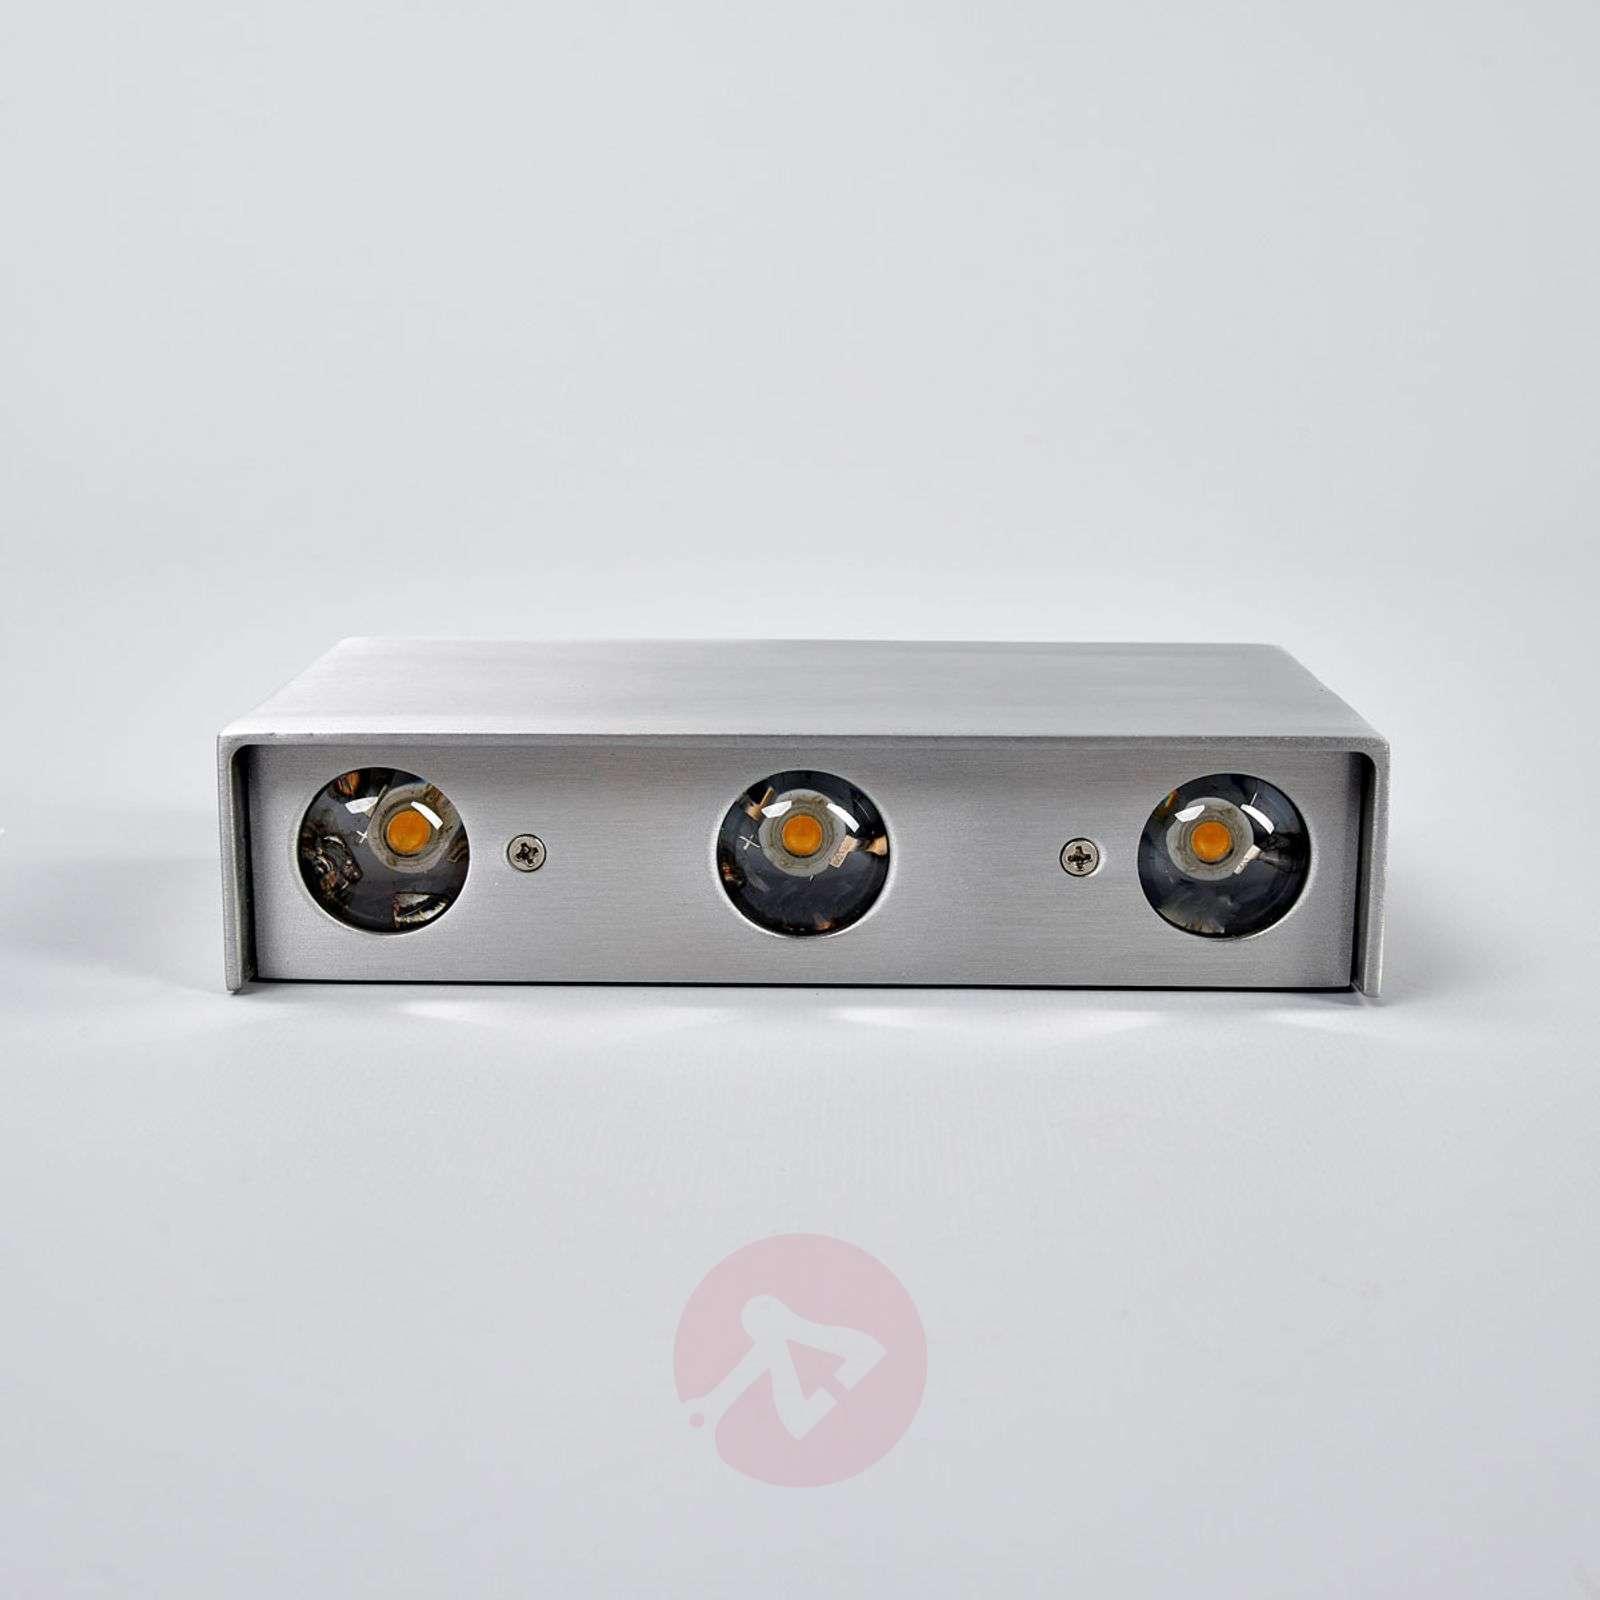 LED-seinävalaisin Samanta tehokkaalla valolla-9647080-01